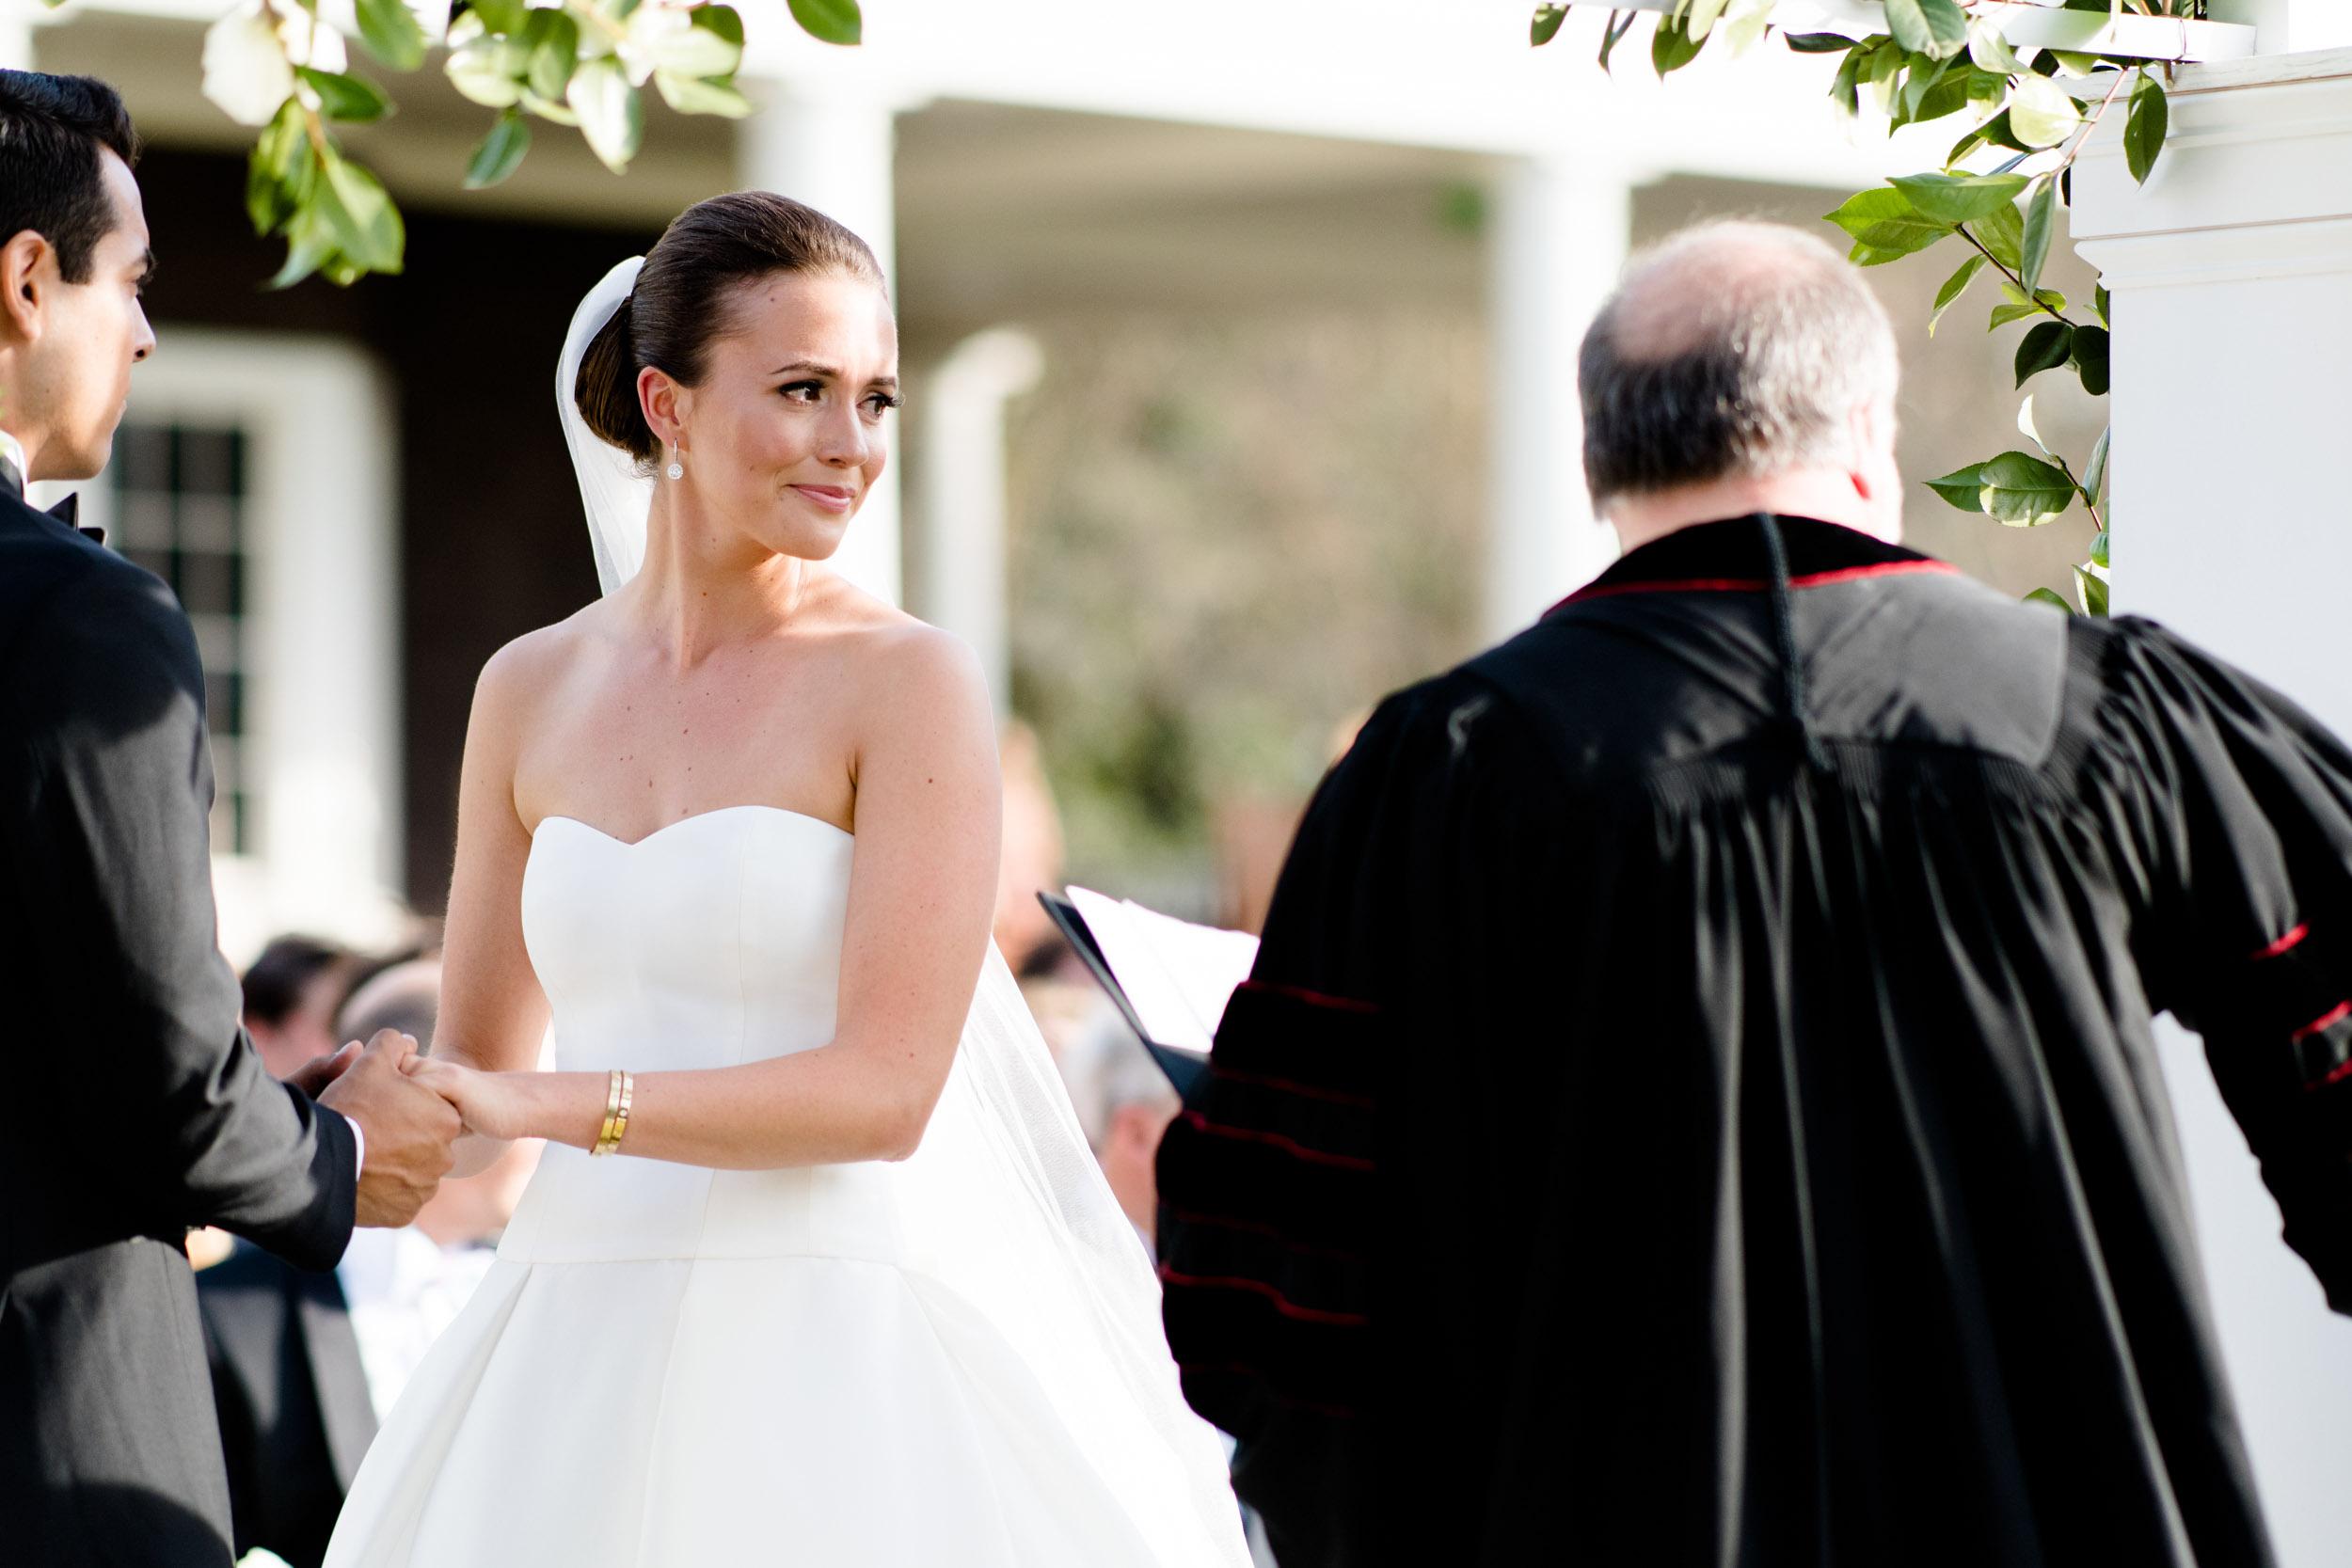 South Carolina southern wedding ceremony.